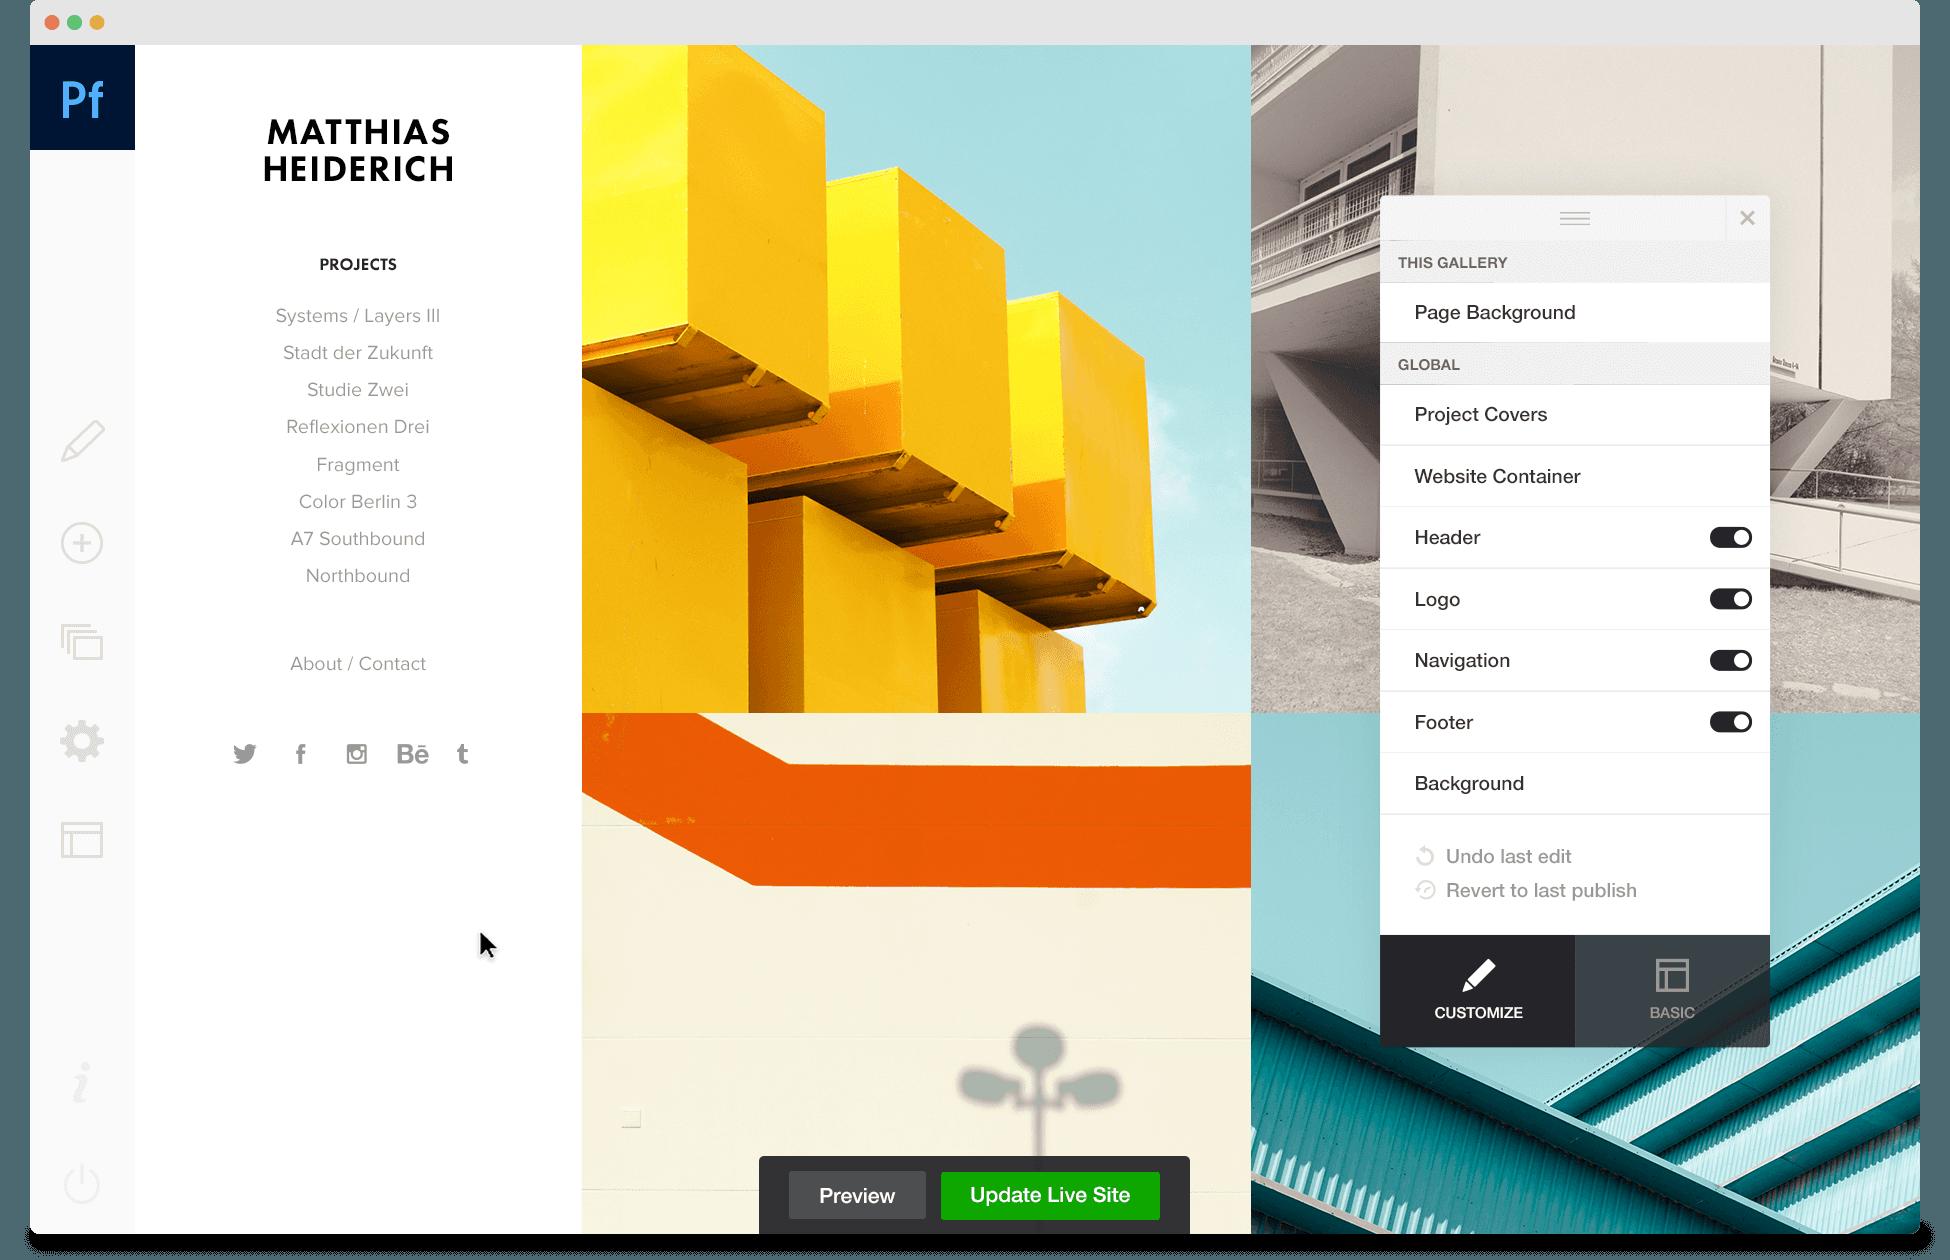 Překvápko od Adobe Pf…íha